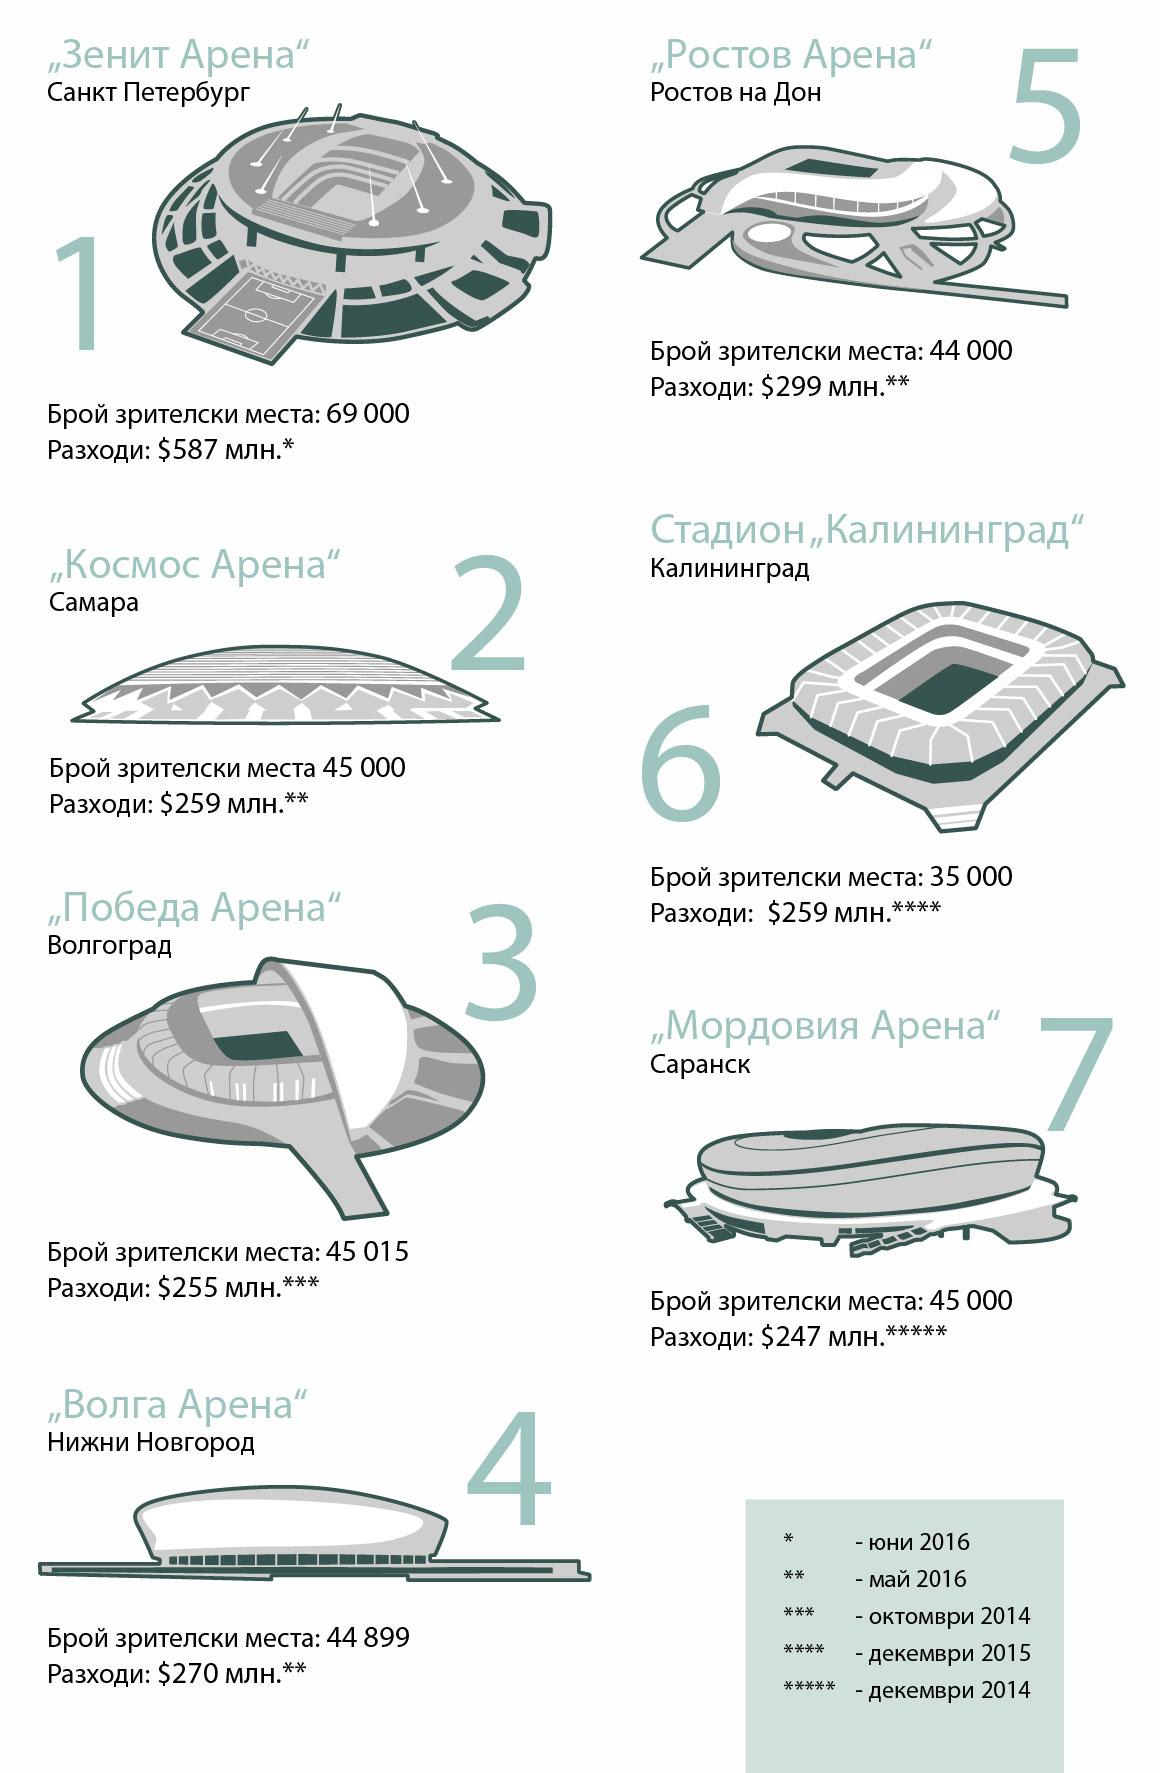 """В началото на юни властите в Санкт Петербург увеличиха размера на средствата, предназначени за построяването арена """"Зенит"""" - един от руските стадиони, където ще се проведат някои от най-важните двубои на Световното първенство по футбол през 2018 година. Стадионът, където ще се състои един от полуфиналите, ще струва на руския бюджет 39,2 млрд. рубли ($587 млн.).Закритият стадион, който разполага с игрално поле и подвижен покрив, побира 68 000 зрители и се строи от 2006 година. За 10 години размерът на средствата, заделени за строежа, е увеличен повече от шест пъти.Когато завърши строежът, стадионът ще бъде един от най-скъпите футболни стадиони в света, и ще надмине например стадиони, като """"Емиретс Стейдиъм"""" (Emirates Stadium) в Лондон ($665 млн.) и """"Алианц Арена"""" (Allianz Arena) в Мюнхен ($380 млн.).Според губернатора на Санкт Петербург Григорий Полтавченко допълнителните разходи са свързани с промяна в изискванията за сигурност от страна на ФИФА и силите за сигурност.""""Зенит Арена"""" ще стане един от дванайсетте стадиона-домакини на мачове от Световното първенство през 2018 година. Два от стадионите – """"Откритие Арена"""" в Москва и """"Казан Арена""""- са вече завършени, а други три в момента се реконструират (олимпийският стадион """"Фищ"""" в Сочи, централният стадион в Екатеринбург и """"Лужники"""" в Москва). Останалите седем, включително """"Зенит Арена"""", се строят от нулата. Ето и прогнозните разходи за строителството на тези стадиони."""